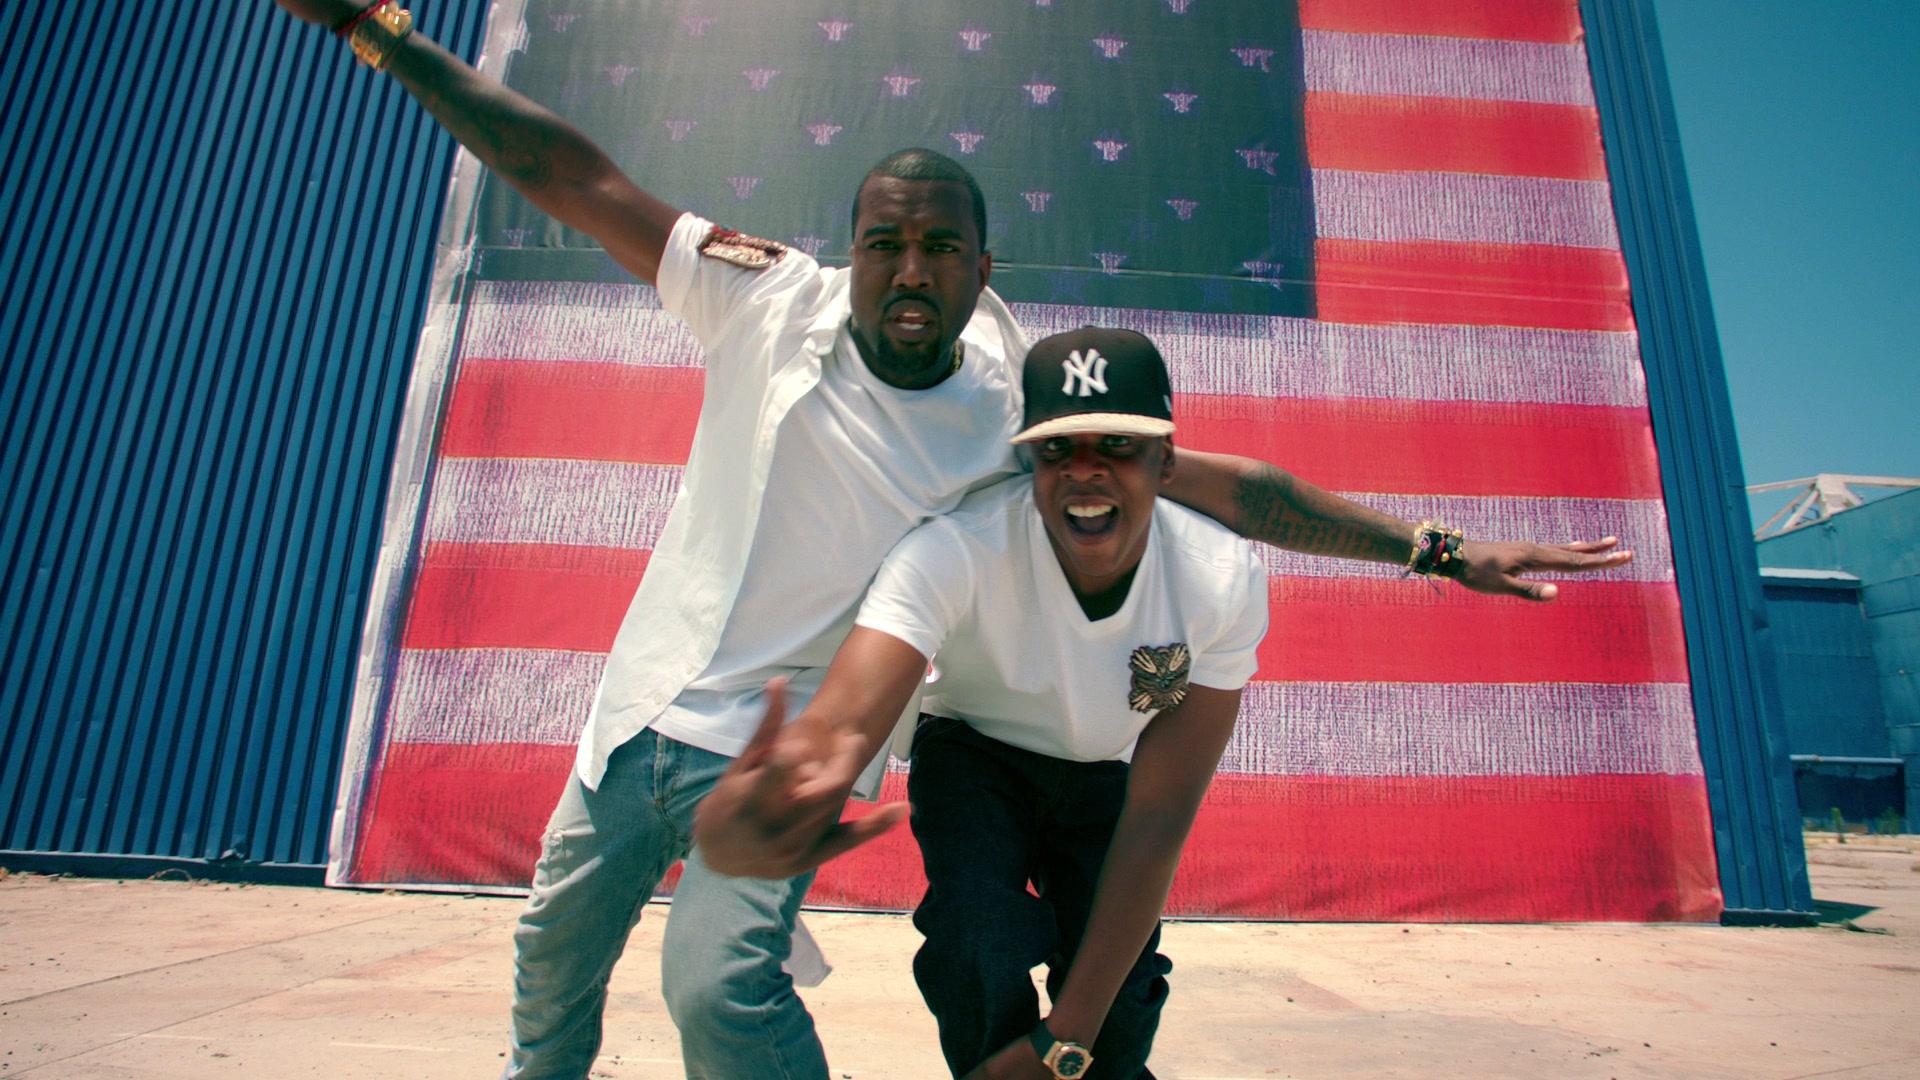 Pour promouvoir Tidal, Jay Z et ses amis oscillent entre l'auto-censure et la propagande